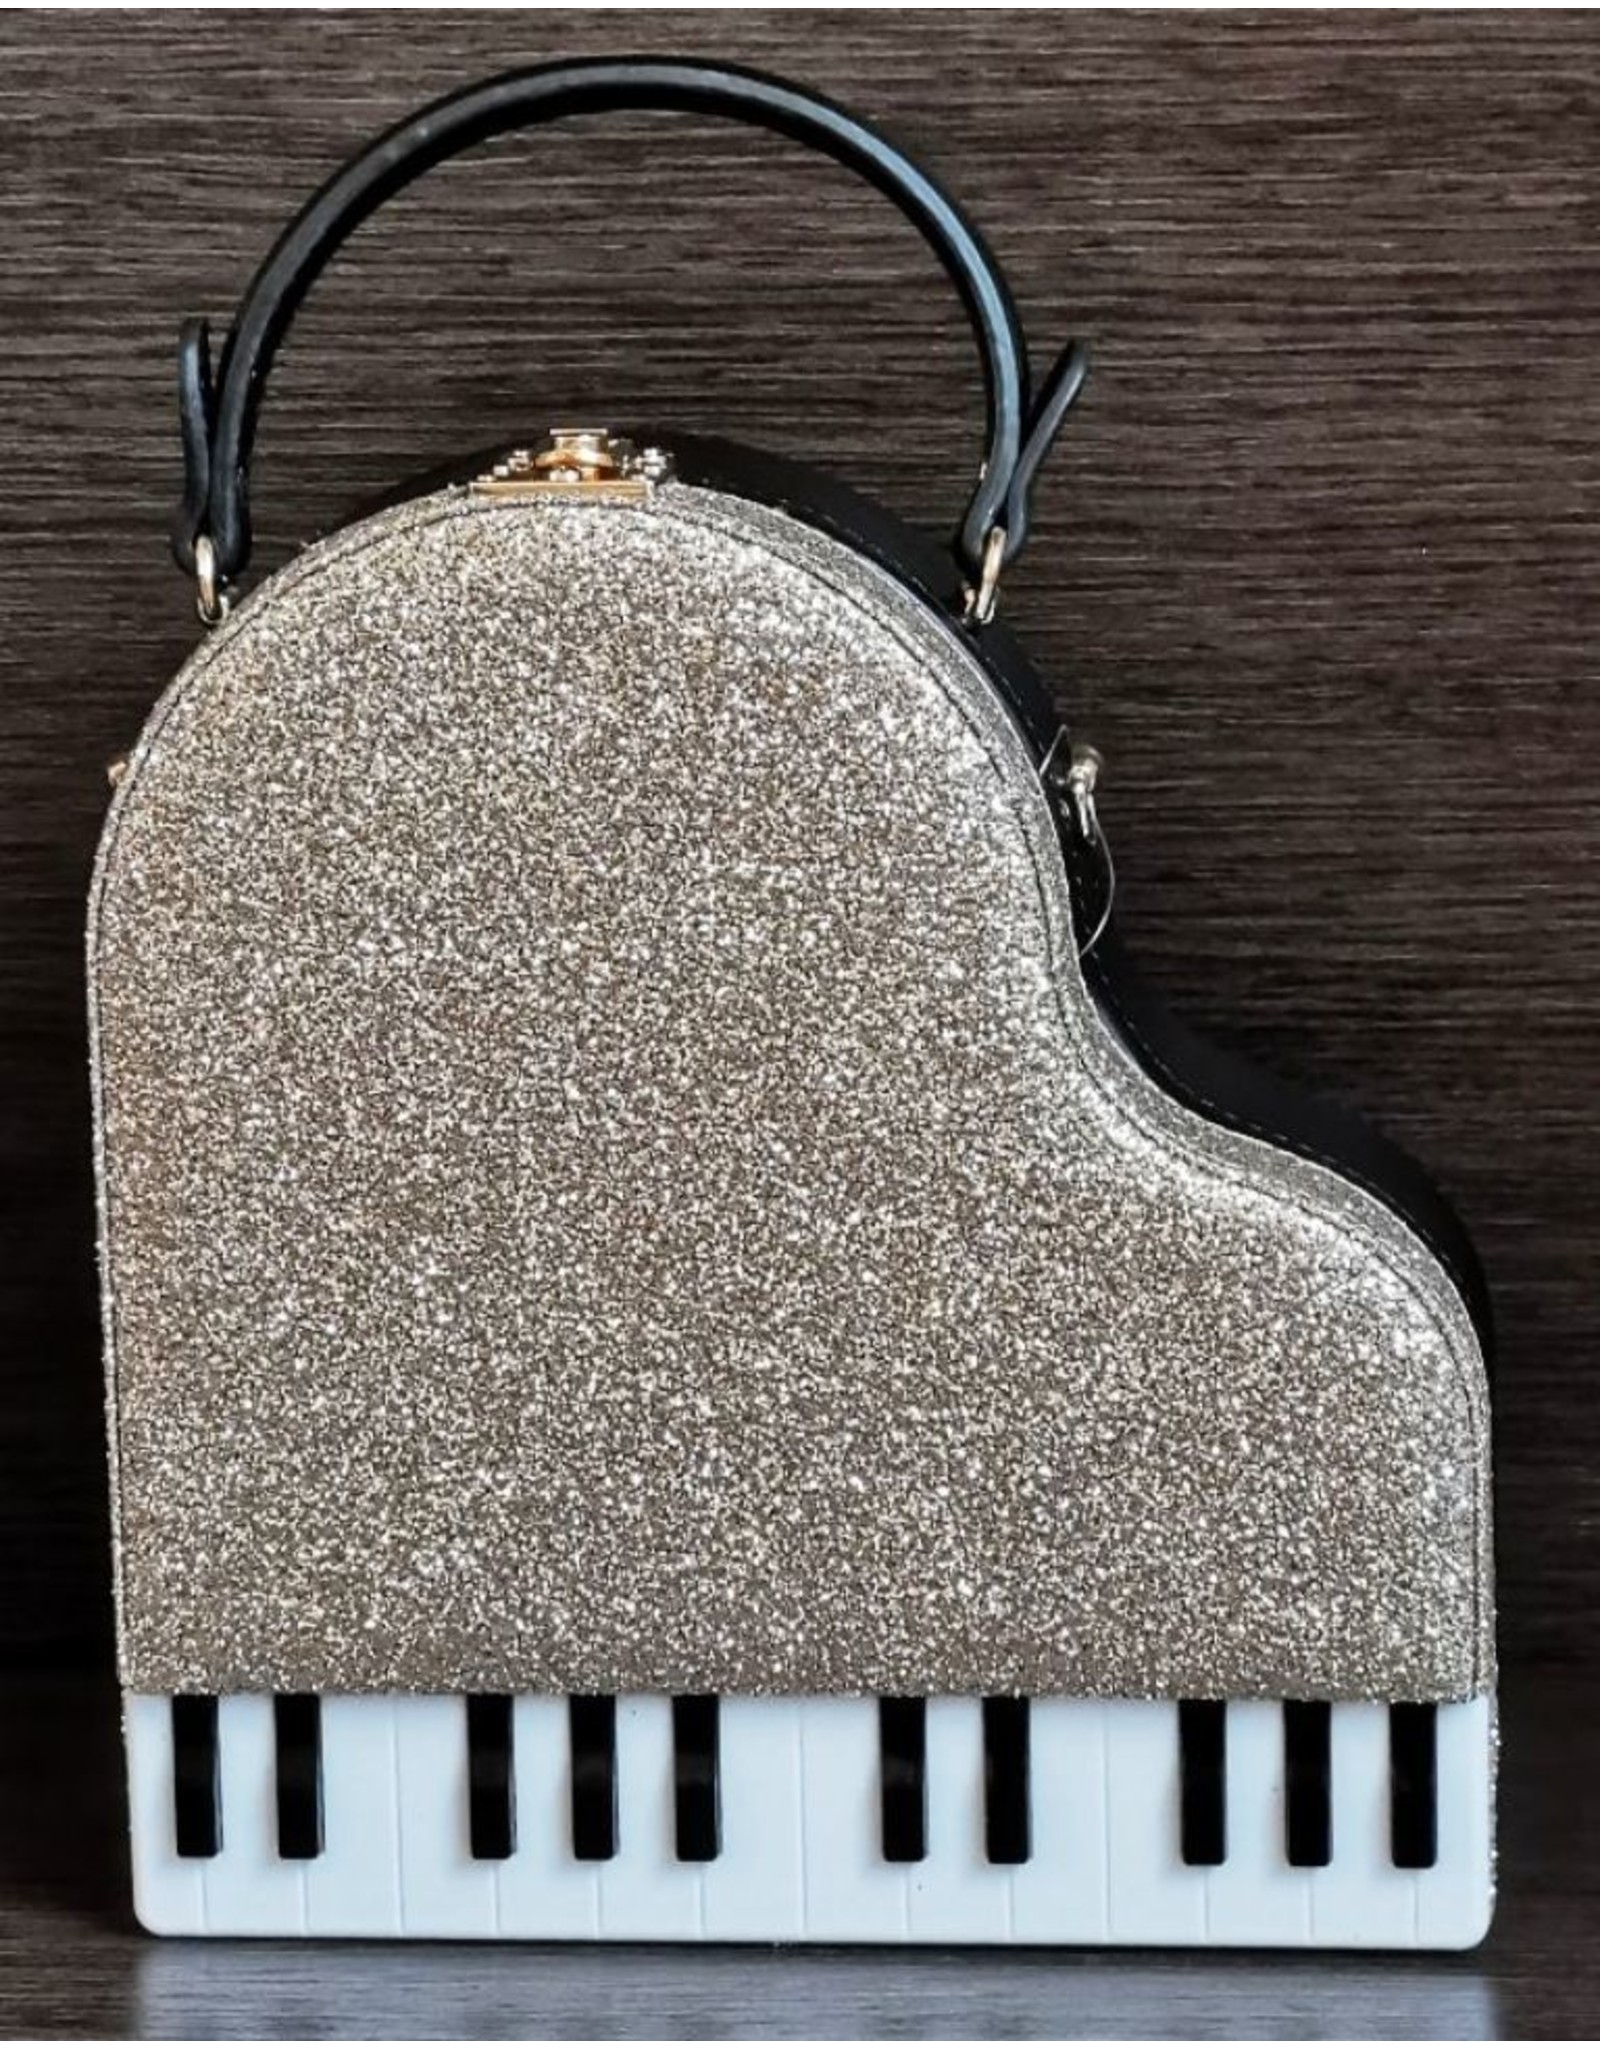 Magic Bags Fantasy bags and wallets - Handbag Grand Piano (gold)